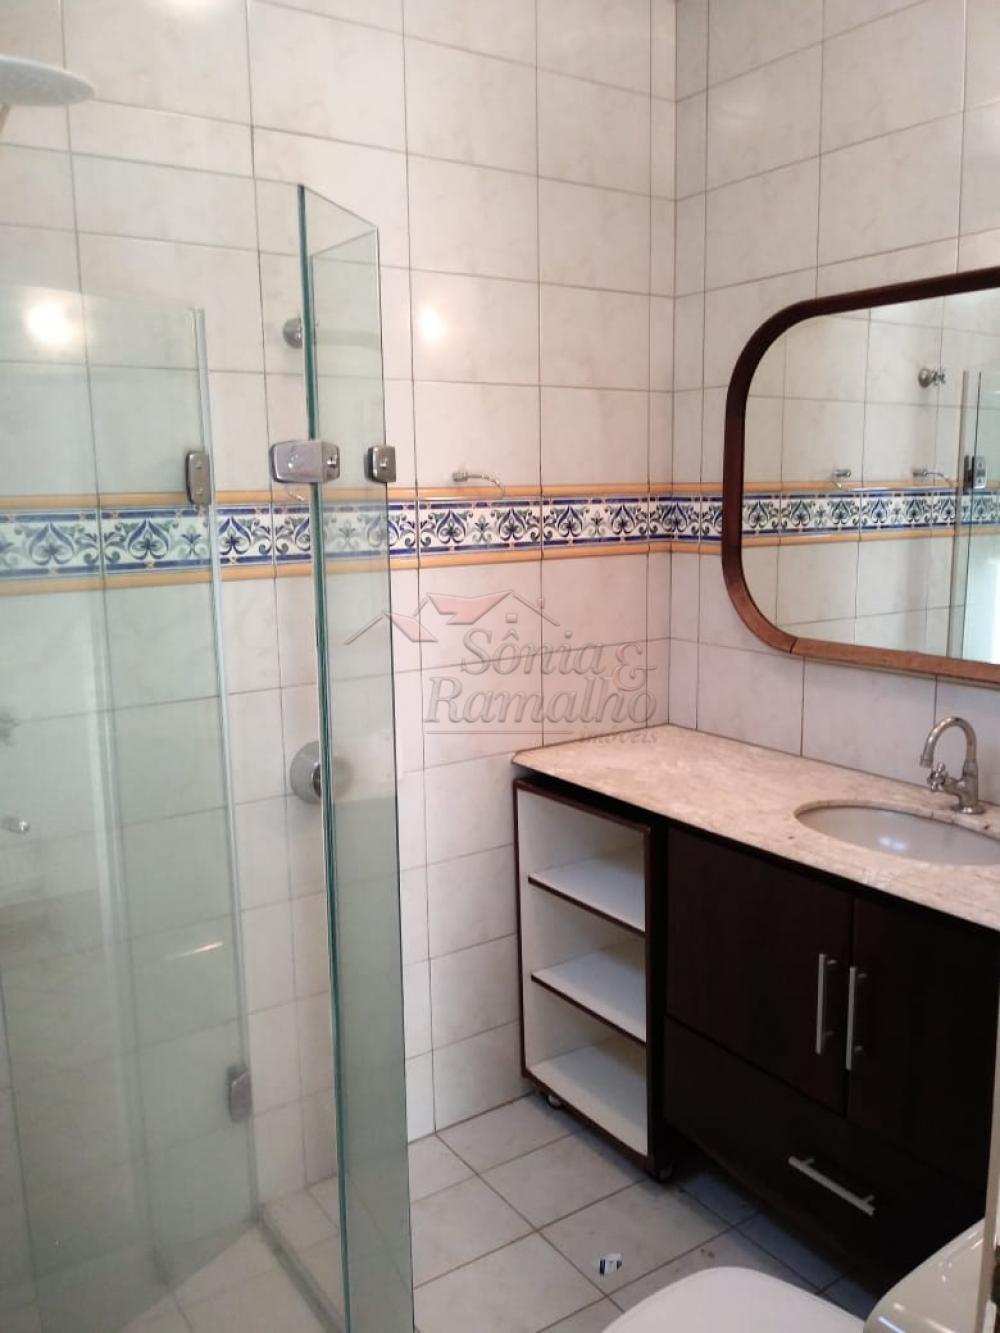 Alugar Casas / Padrão em Ribeirão Preto apenas R$ 3.600,00 - Foto 23